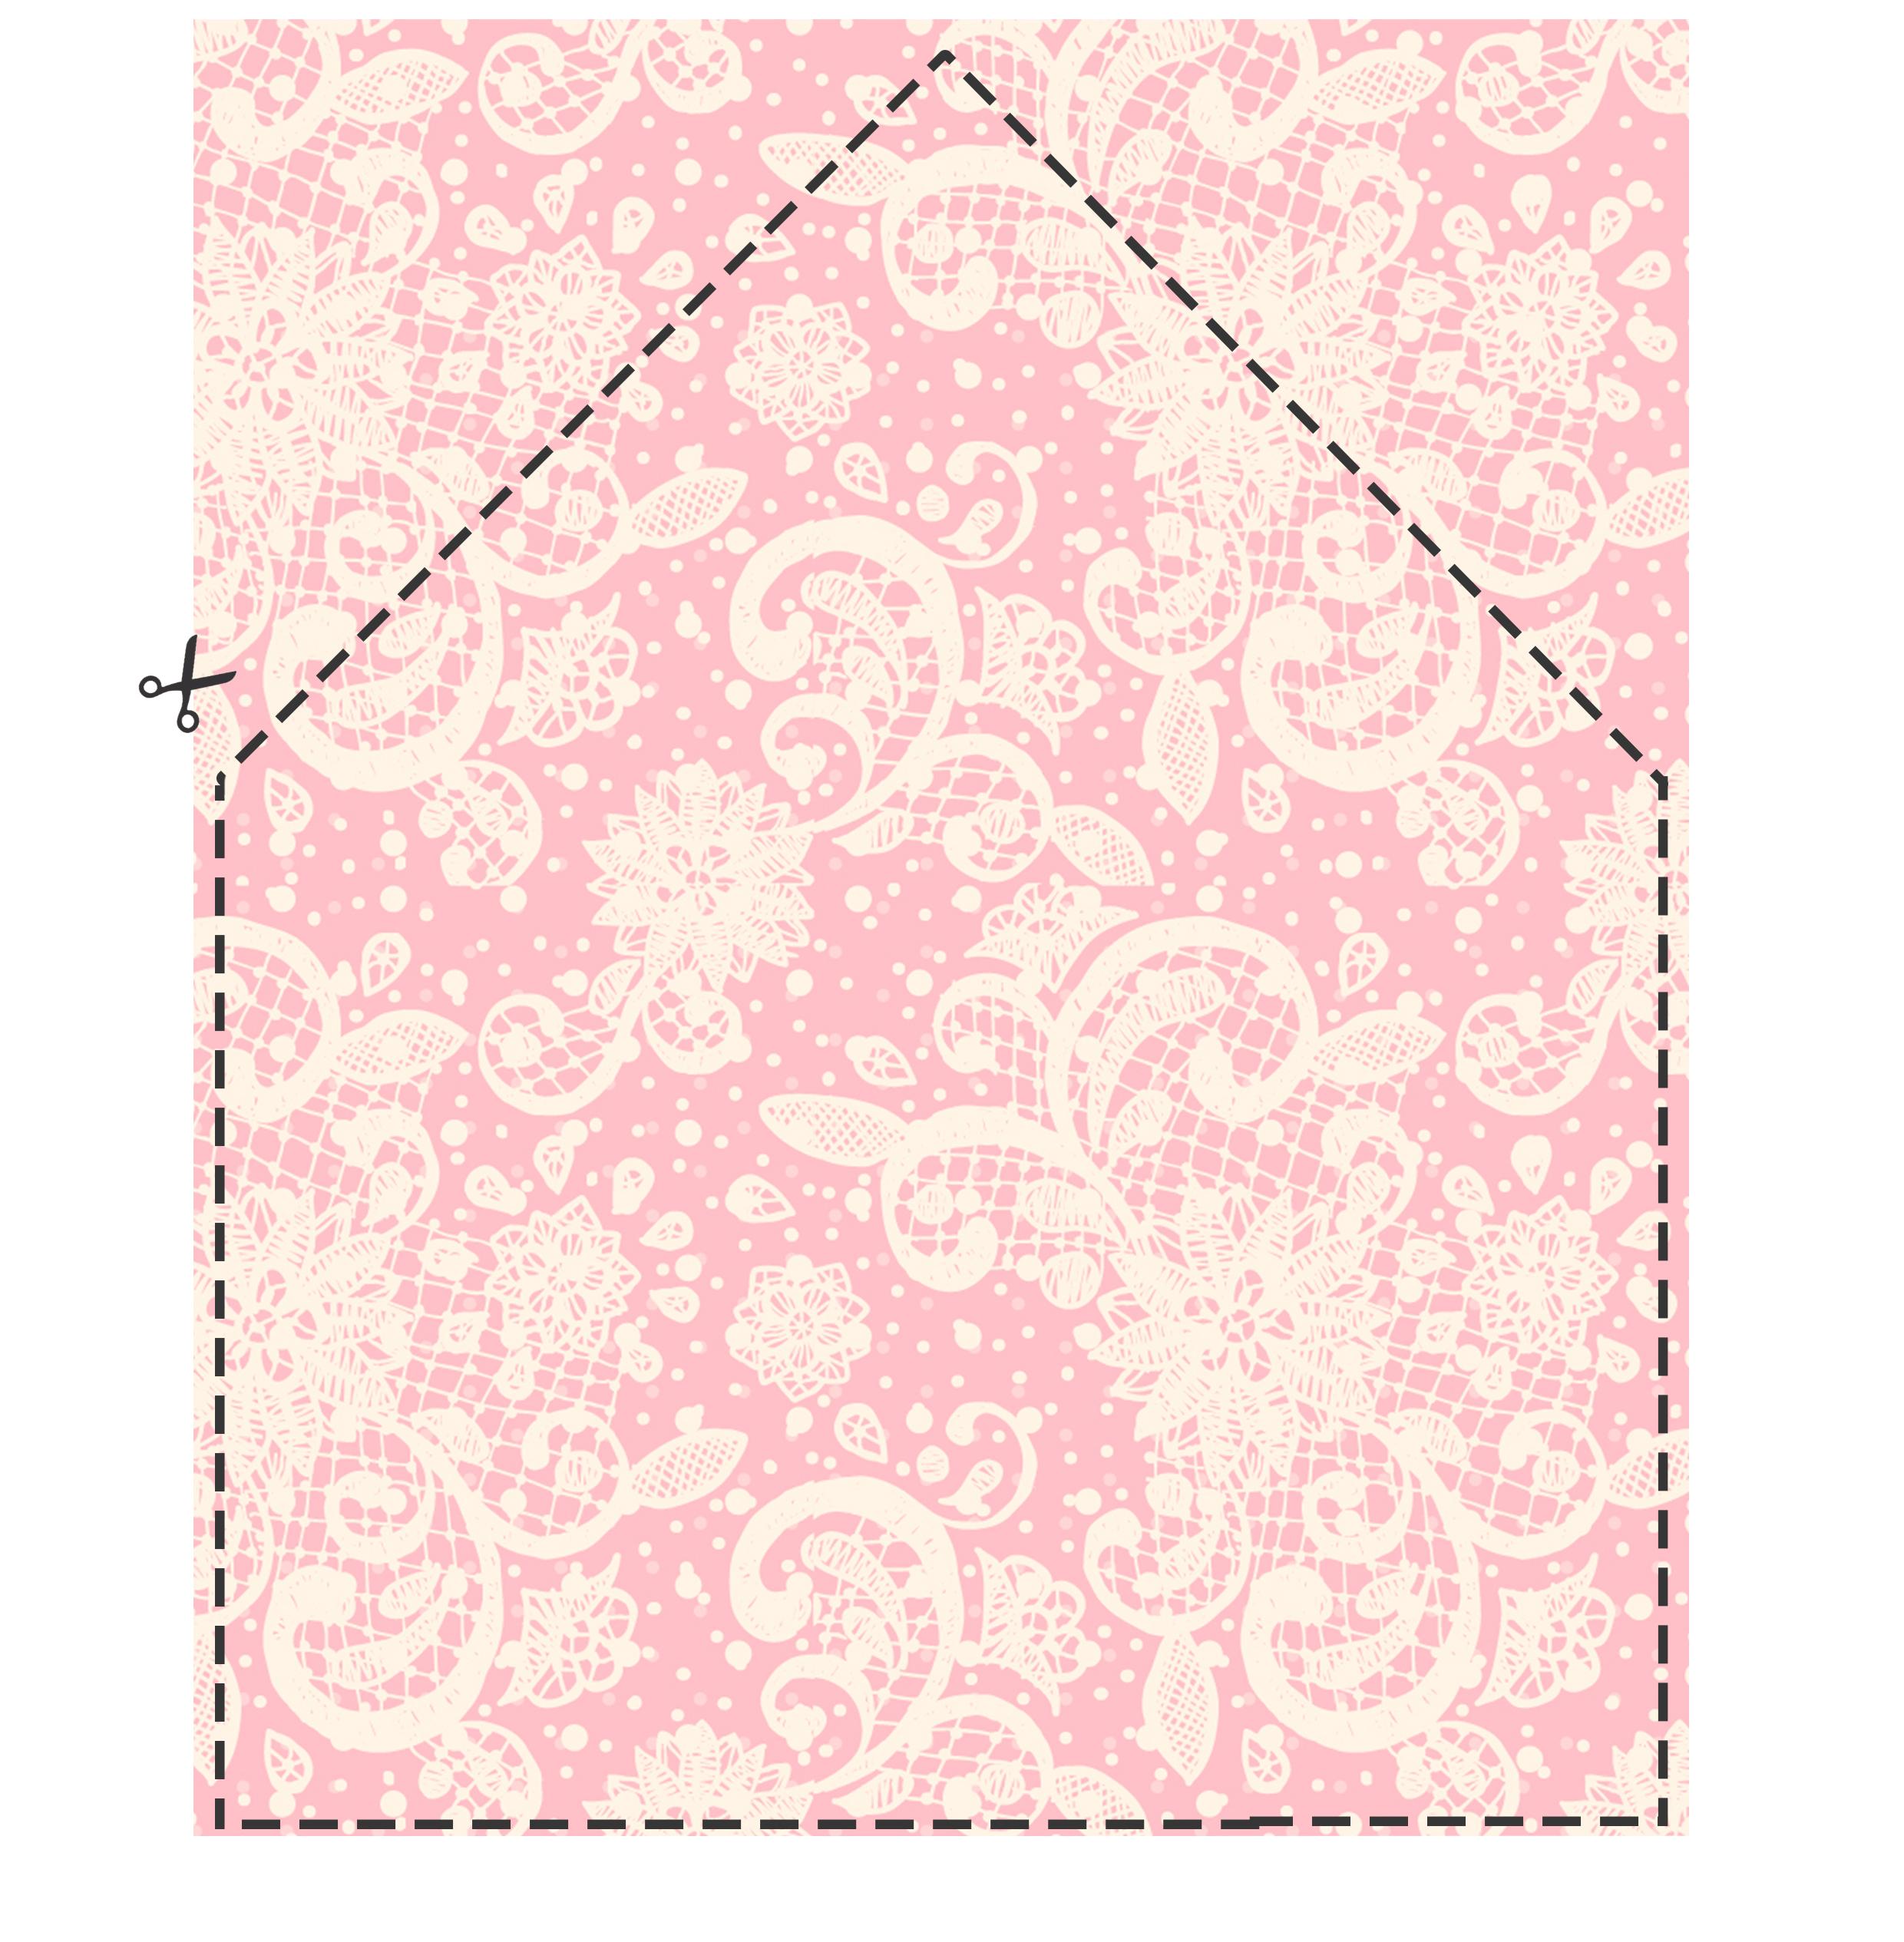 šablóna-vložka-do-obálky-na-stiahnutie-čipka-na-ružovom-podklade